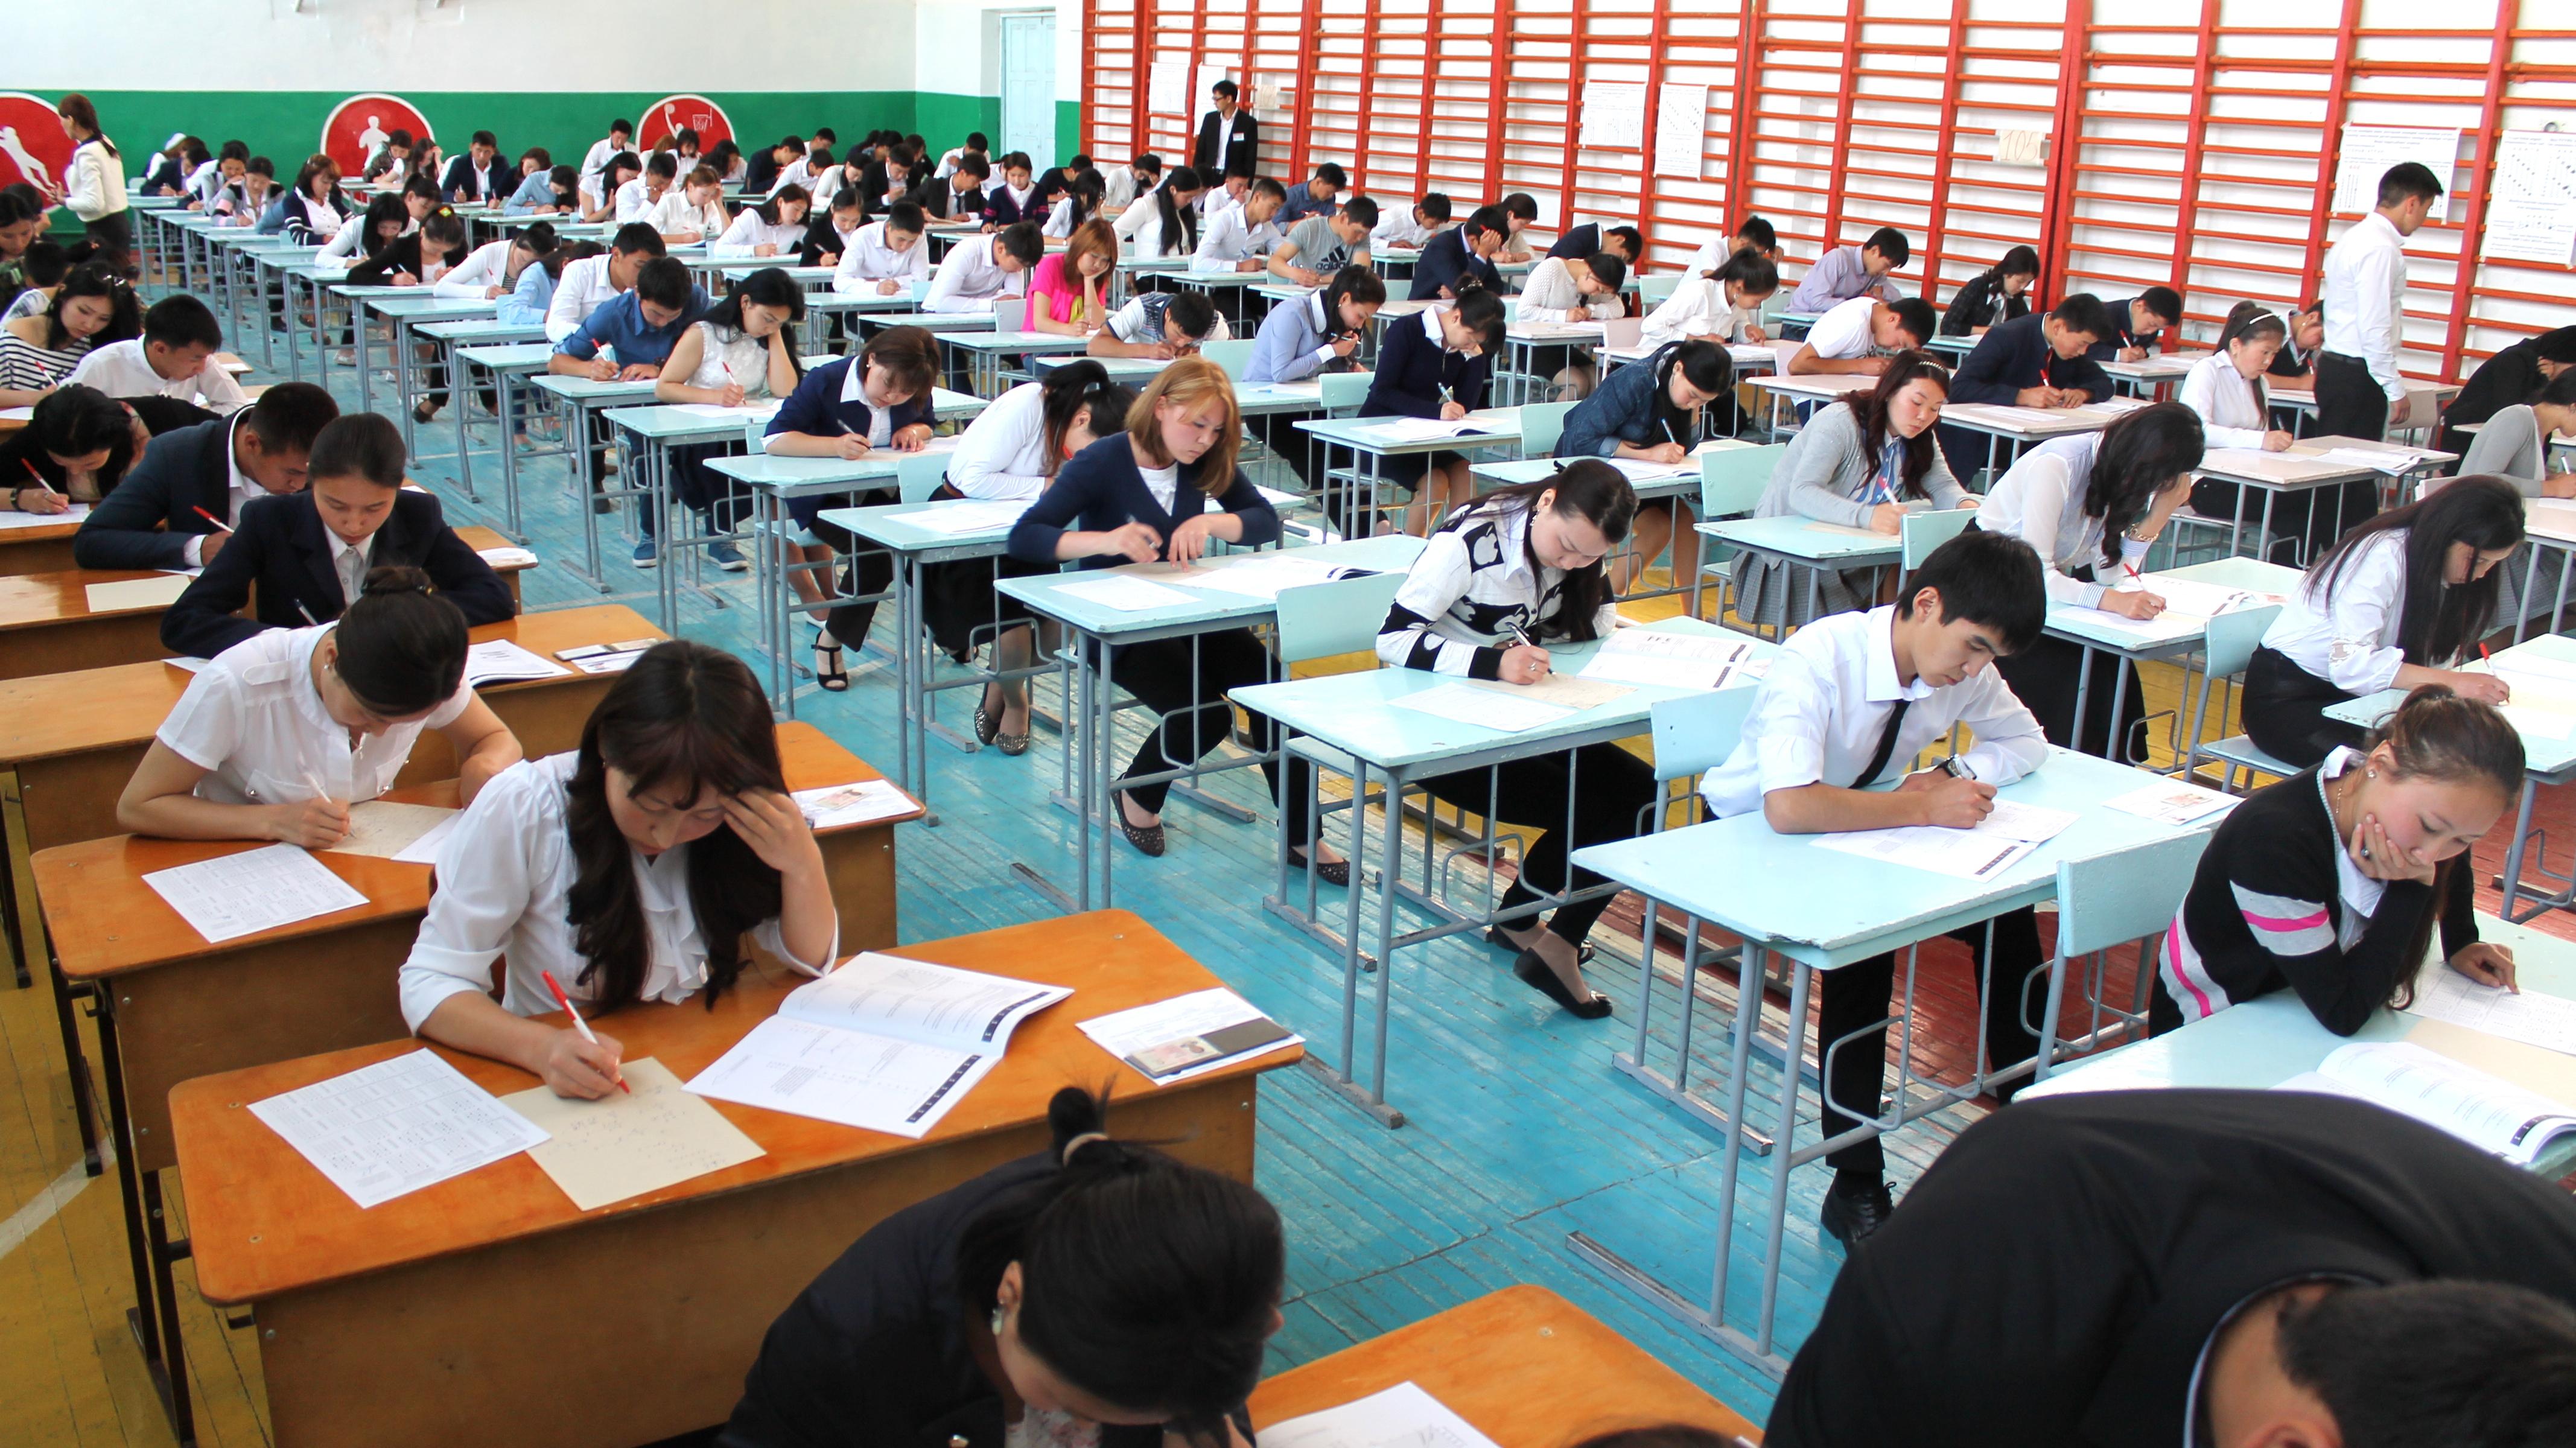 ответы по истории кыргызстана на гос экзамен